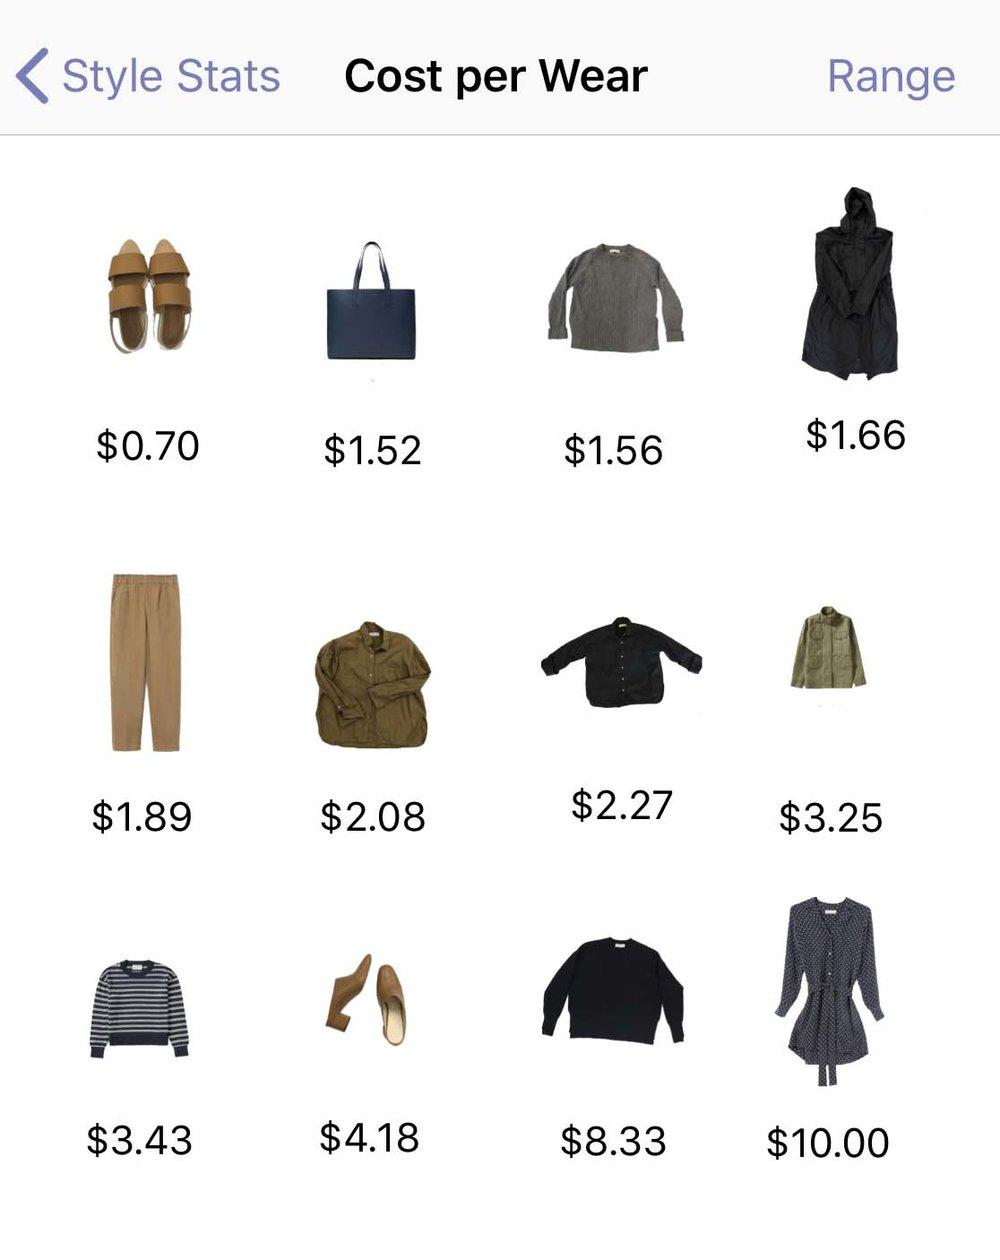 Lowest Cost Per Wear Everlane 2018.jpg